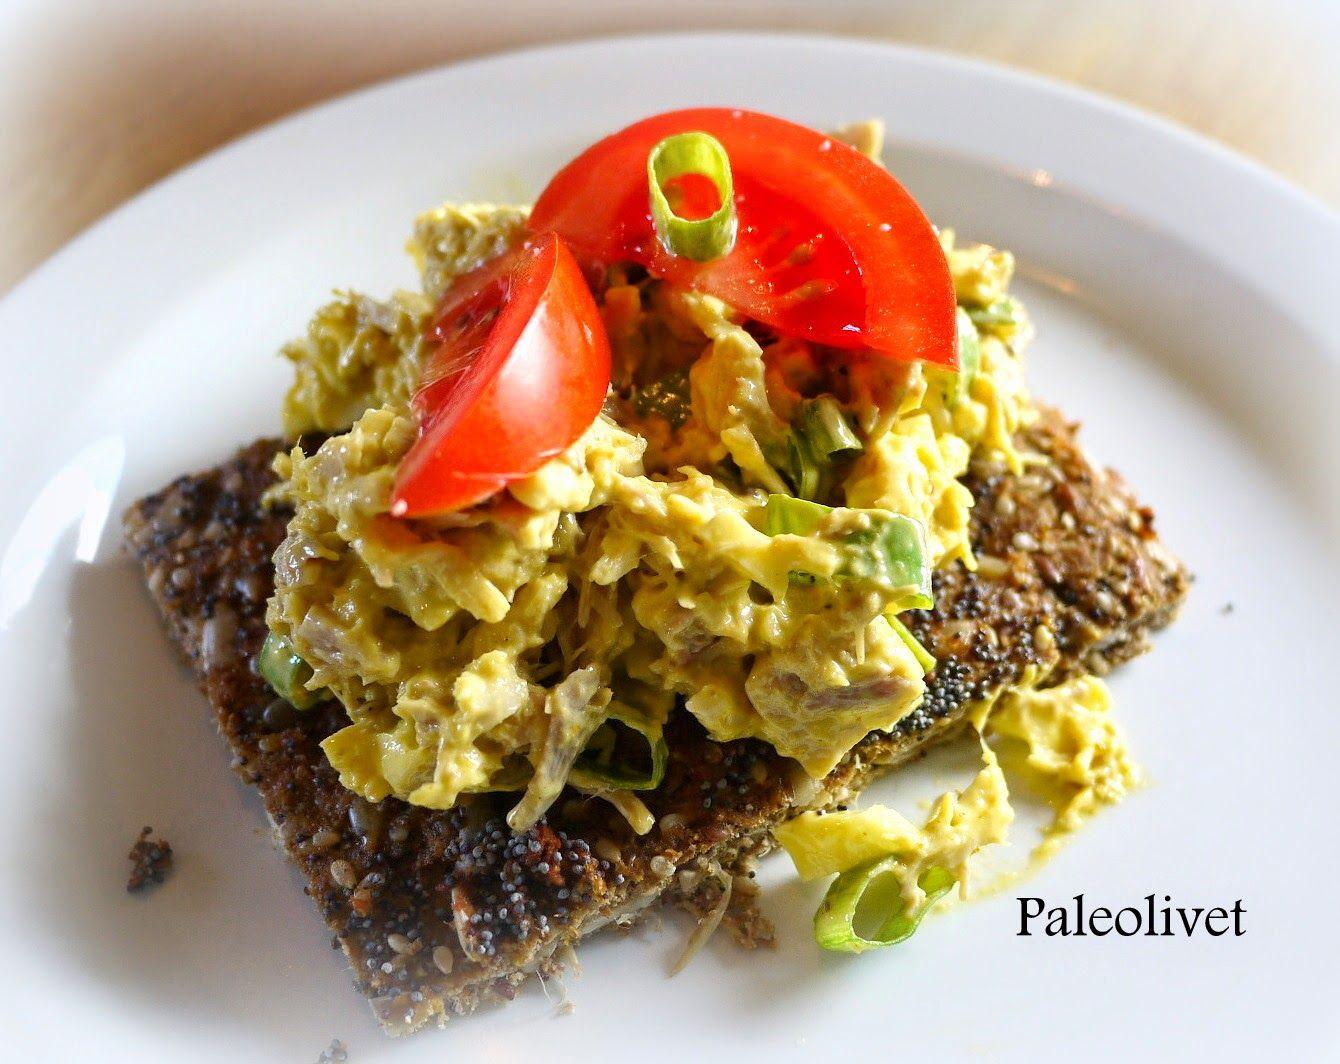 Paleolivet: Pulp-brød og juice